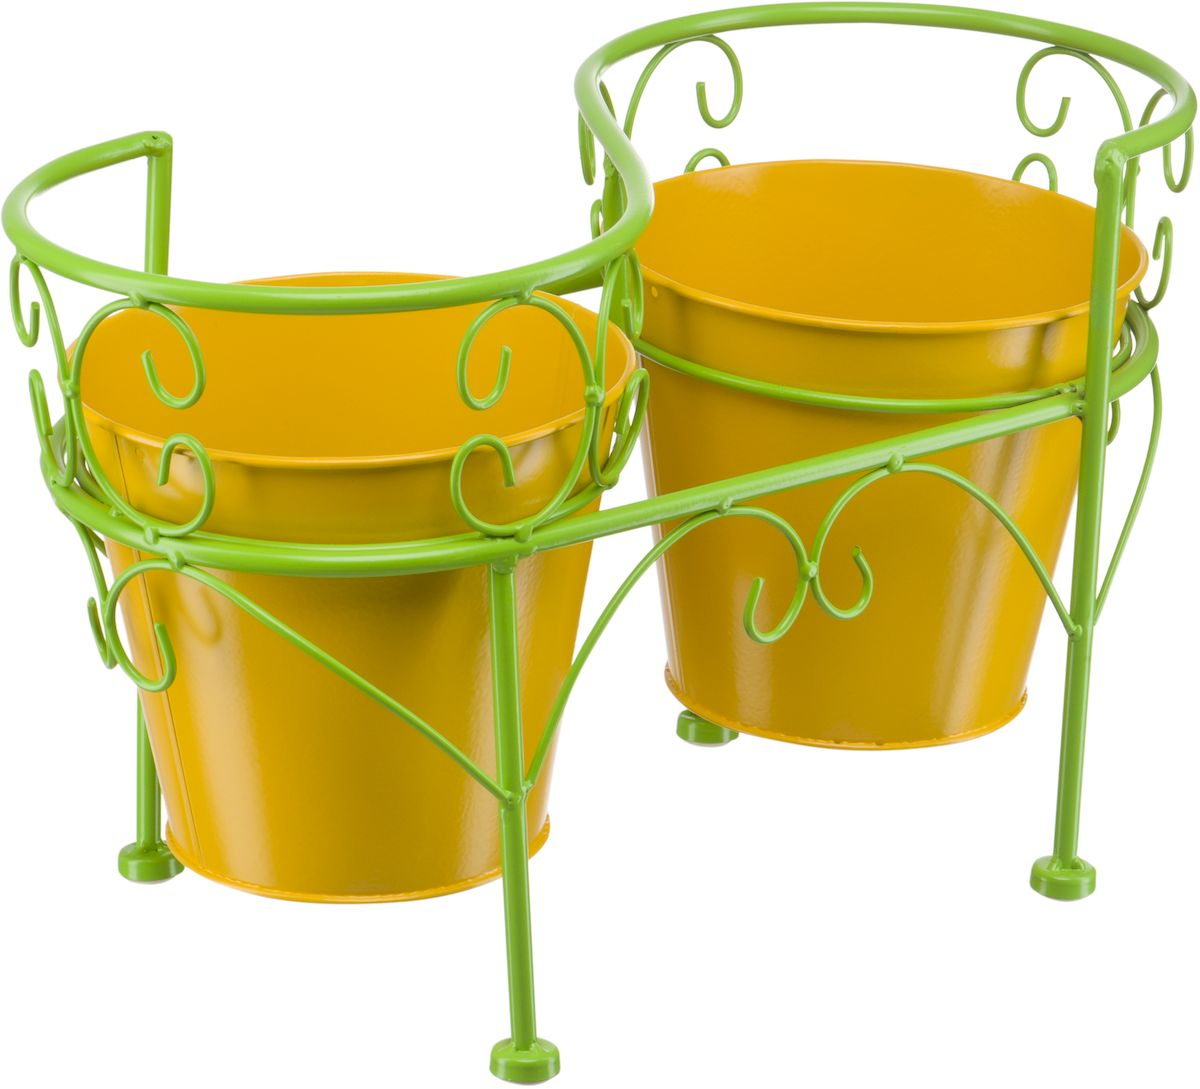 Подцветочница Engard, на 2 горшка, цвет: зеленый, желтый, 41,5 х 21 х 25 см. BT-06BT-06Декоративная подцветочница Engard на 2 горшка яркого и сочного цвета станет заметным элементом любого дизайна. Горшки идут в комплекте. Конструкция подцветочницы и сами горшки выполнены из металла.